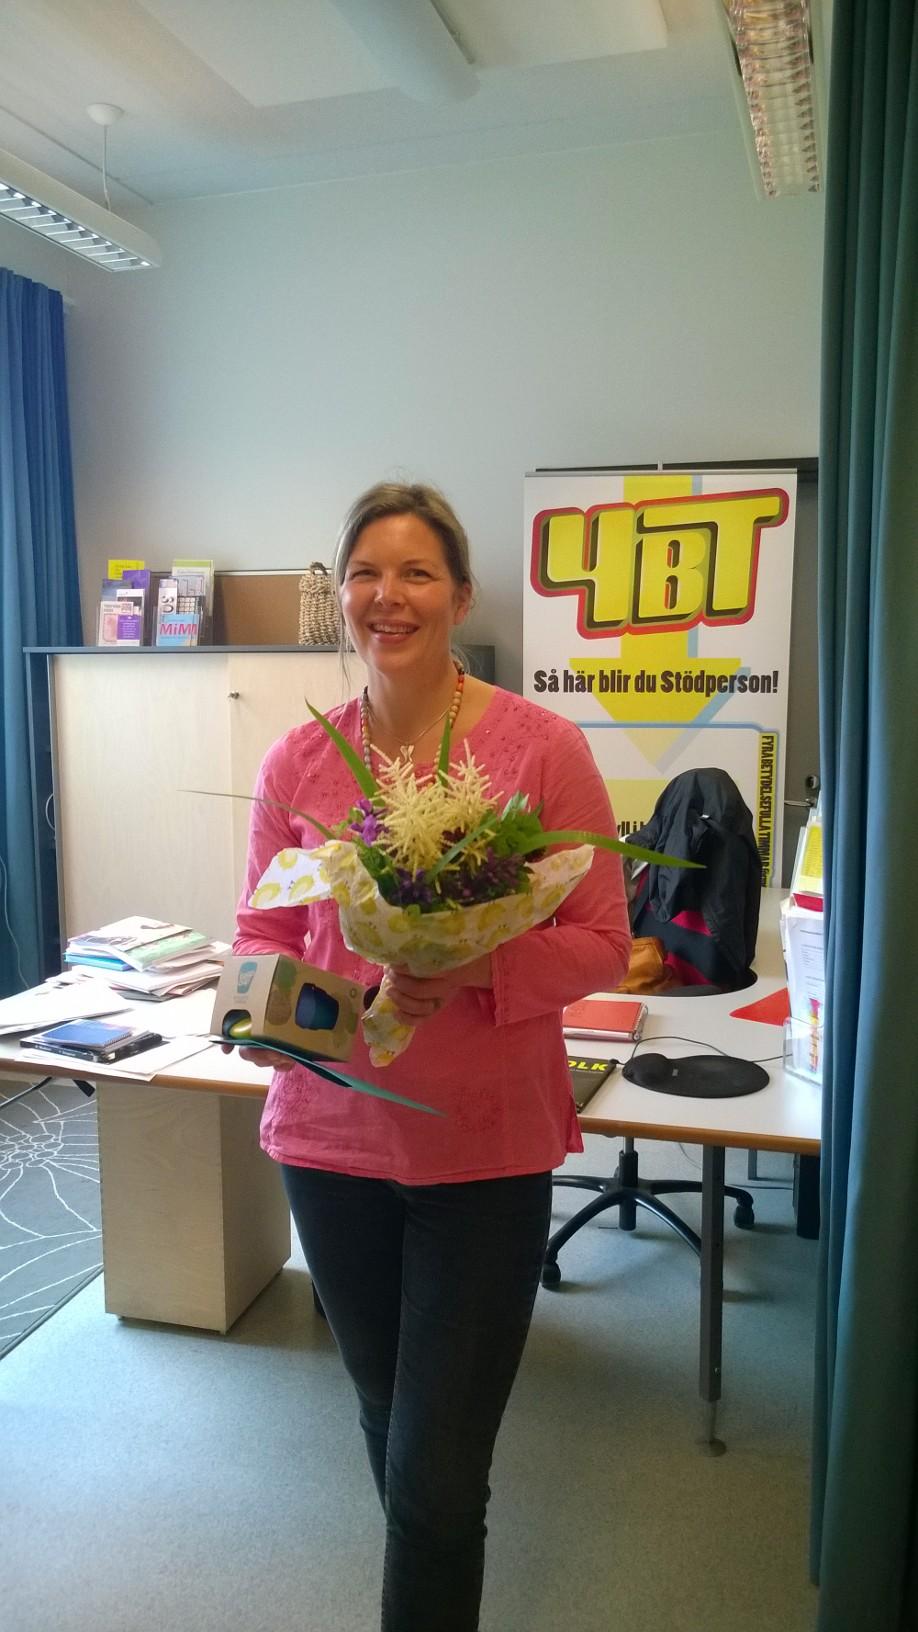 Nonni Mäkikärki slutar som 4BTs samordnare